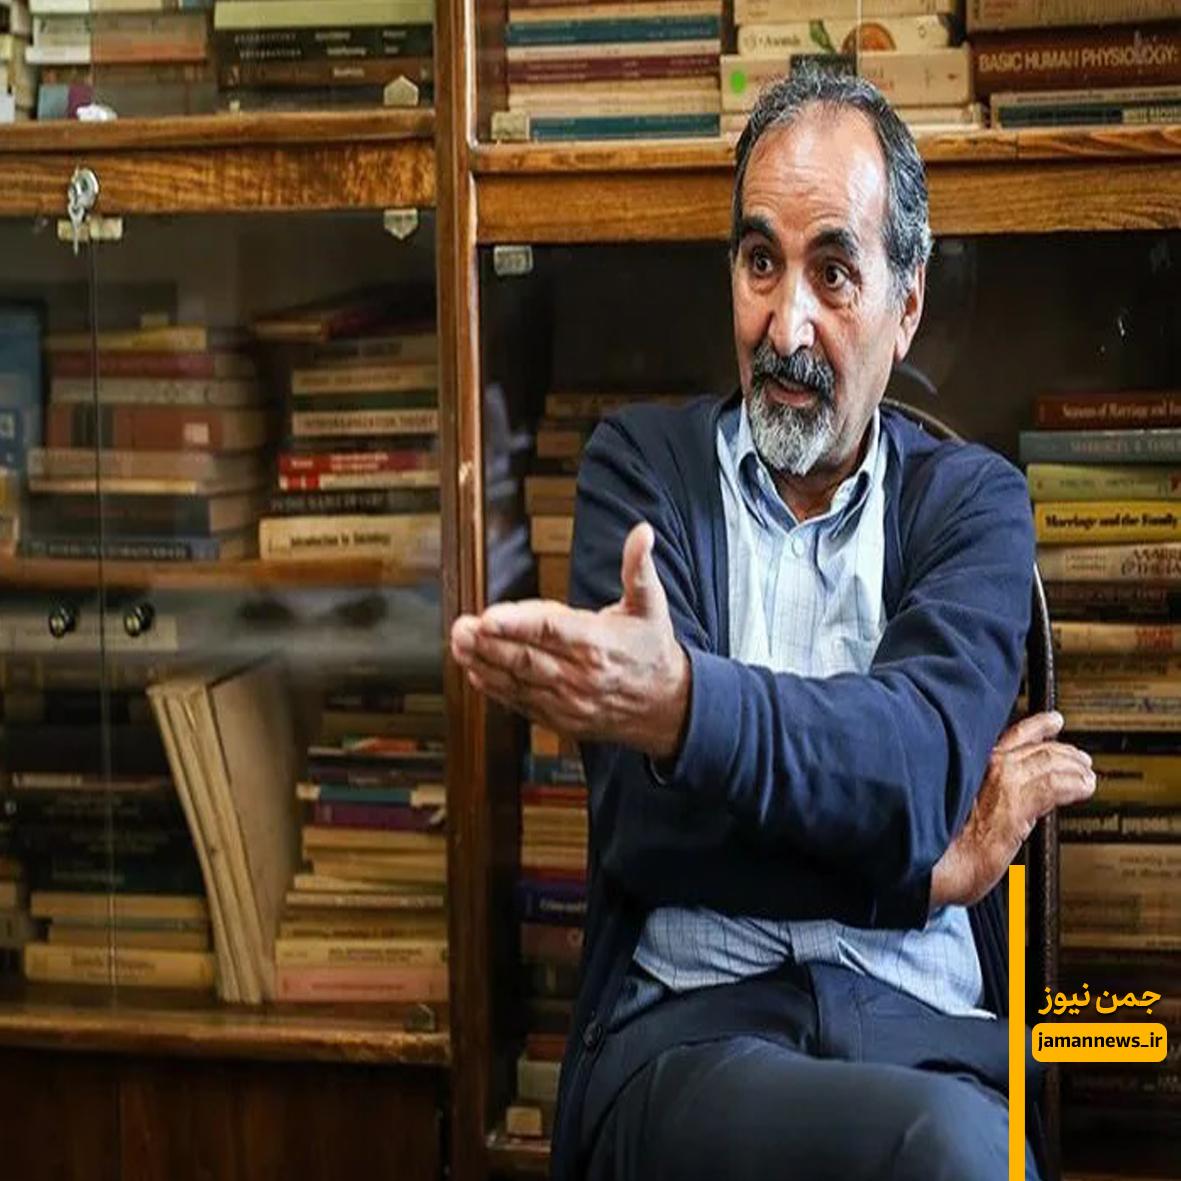 مصاحبه؛ فروکاستی در دینداری مردم ایران صورت نگرفته است